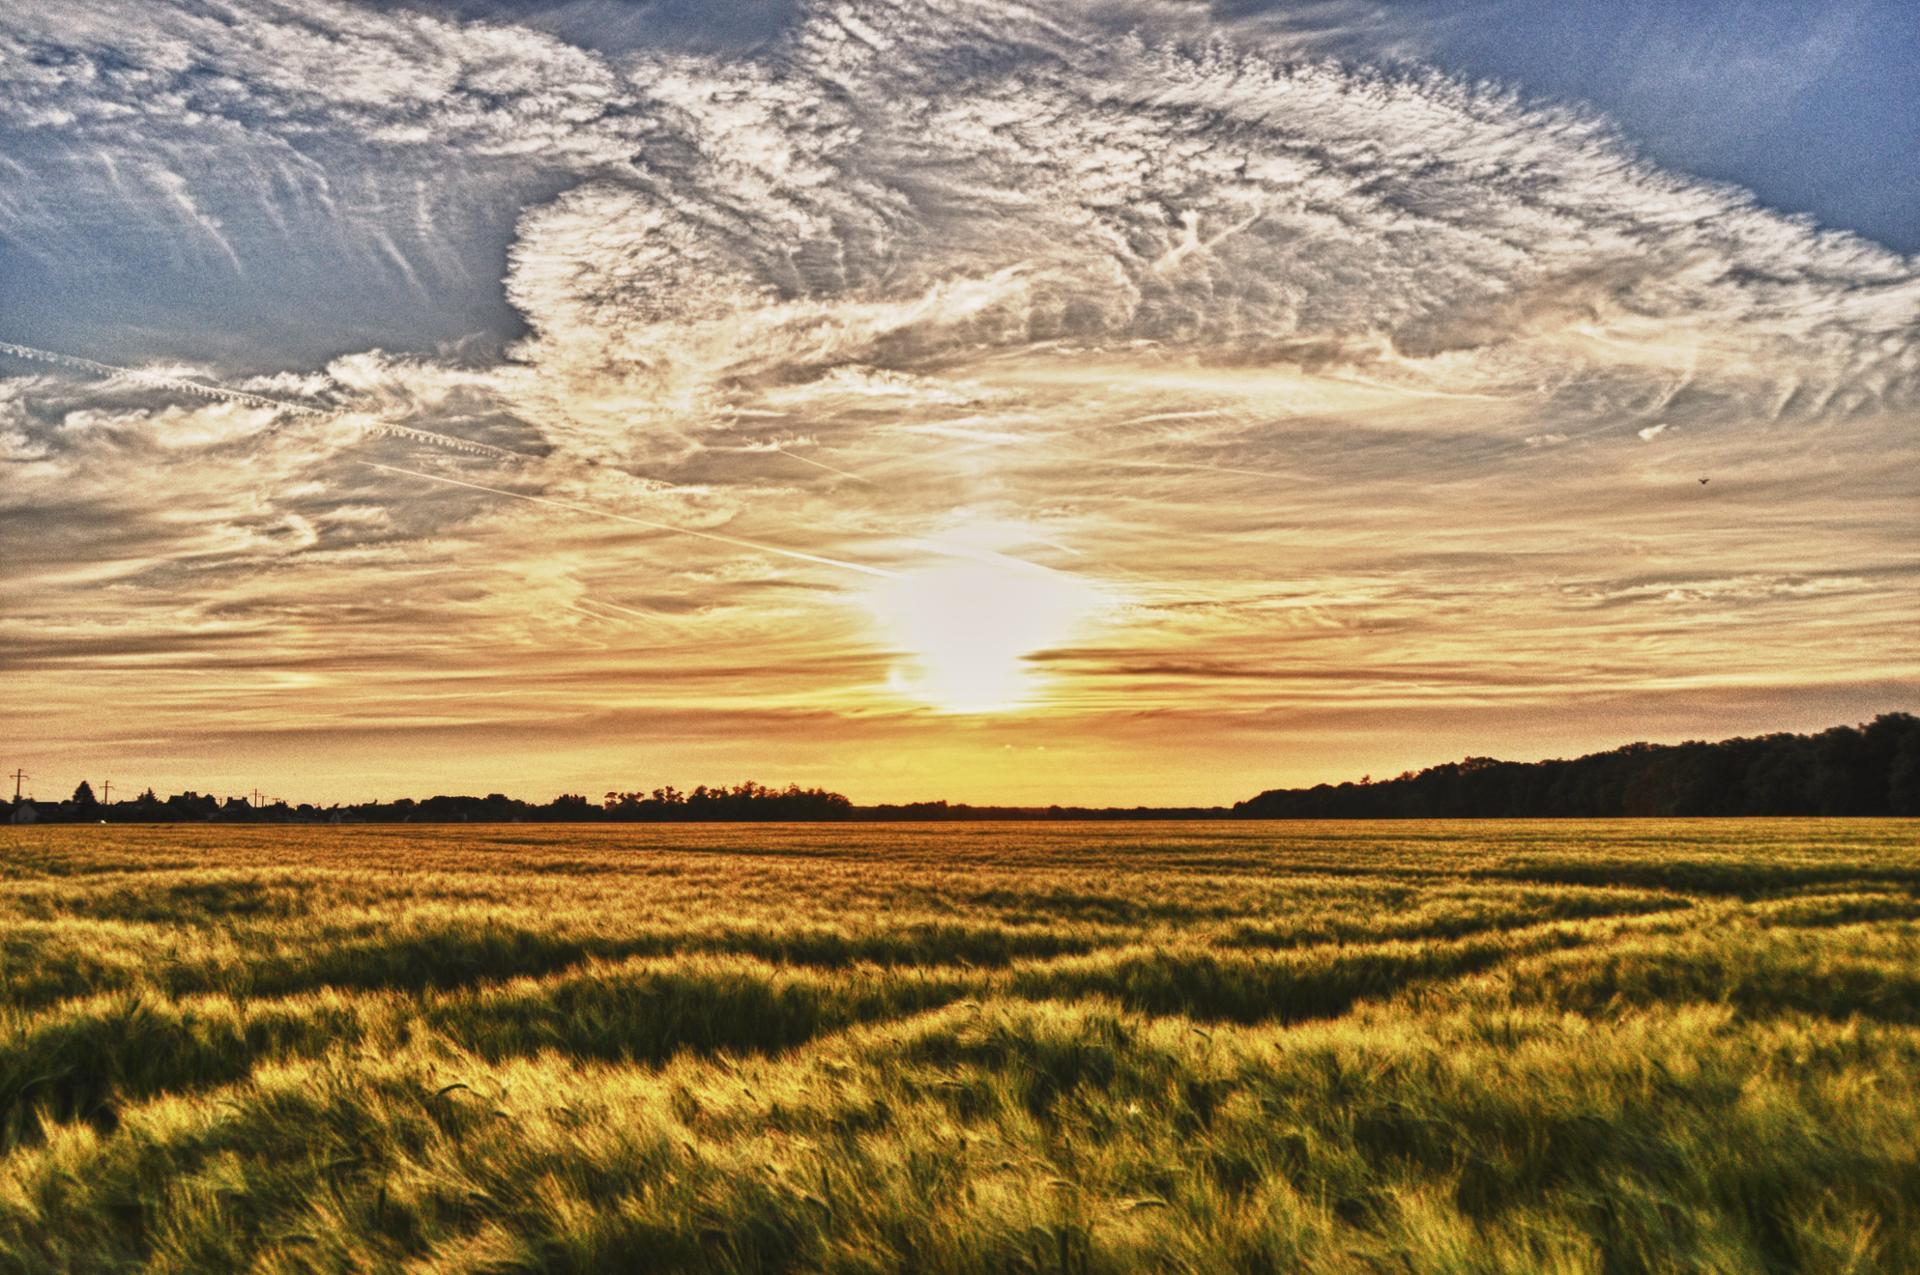 Houle d'un champ de blé caressé par le vent, sous un soleil couchant flamboyant...